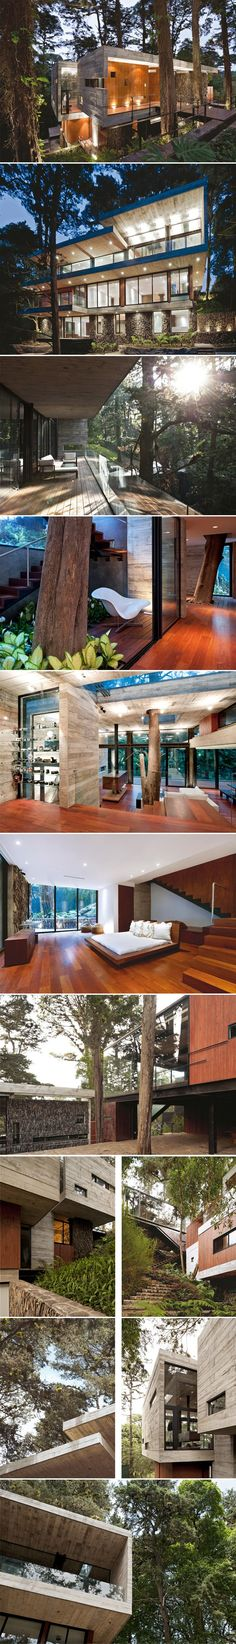 Superbe maison dans les arbres par Paz Arquitectura - Journal du Design